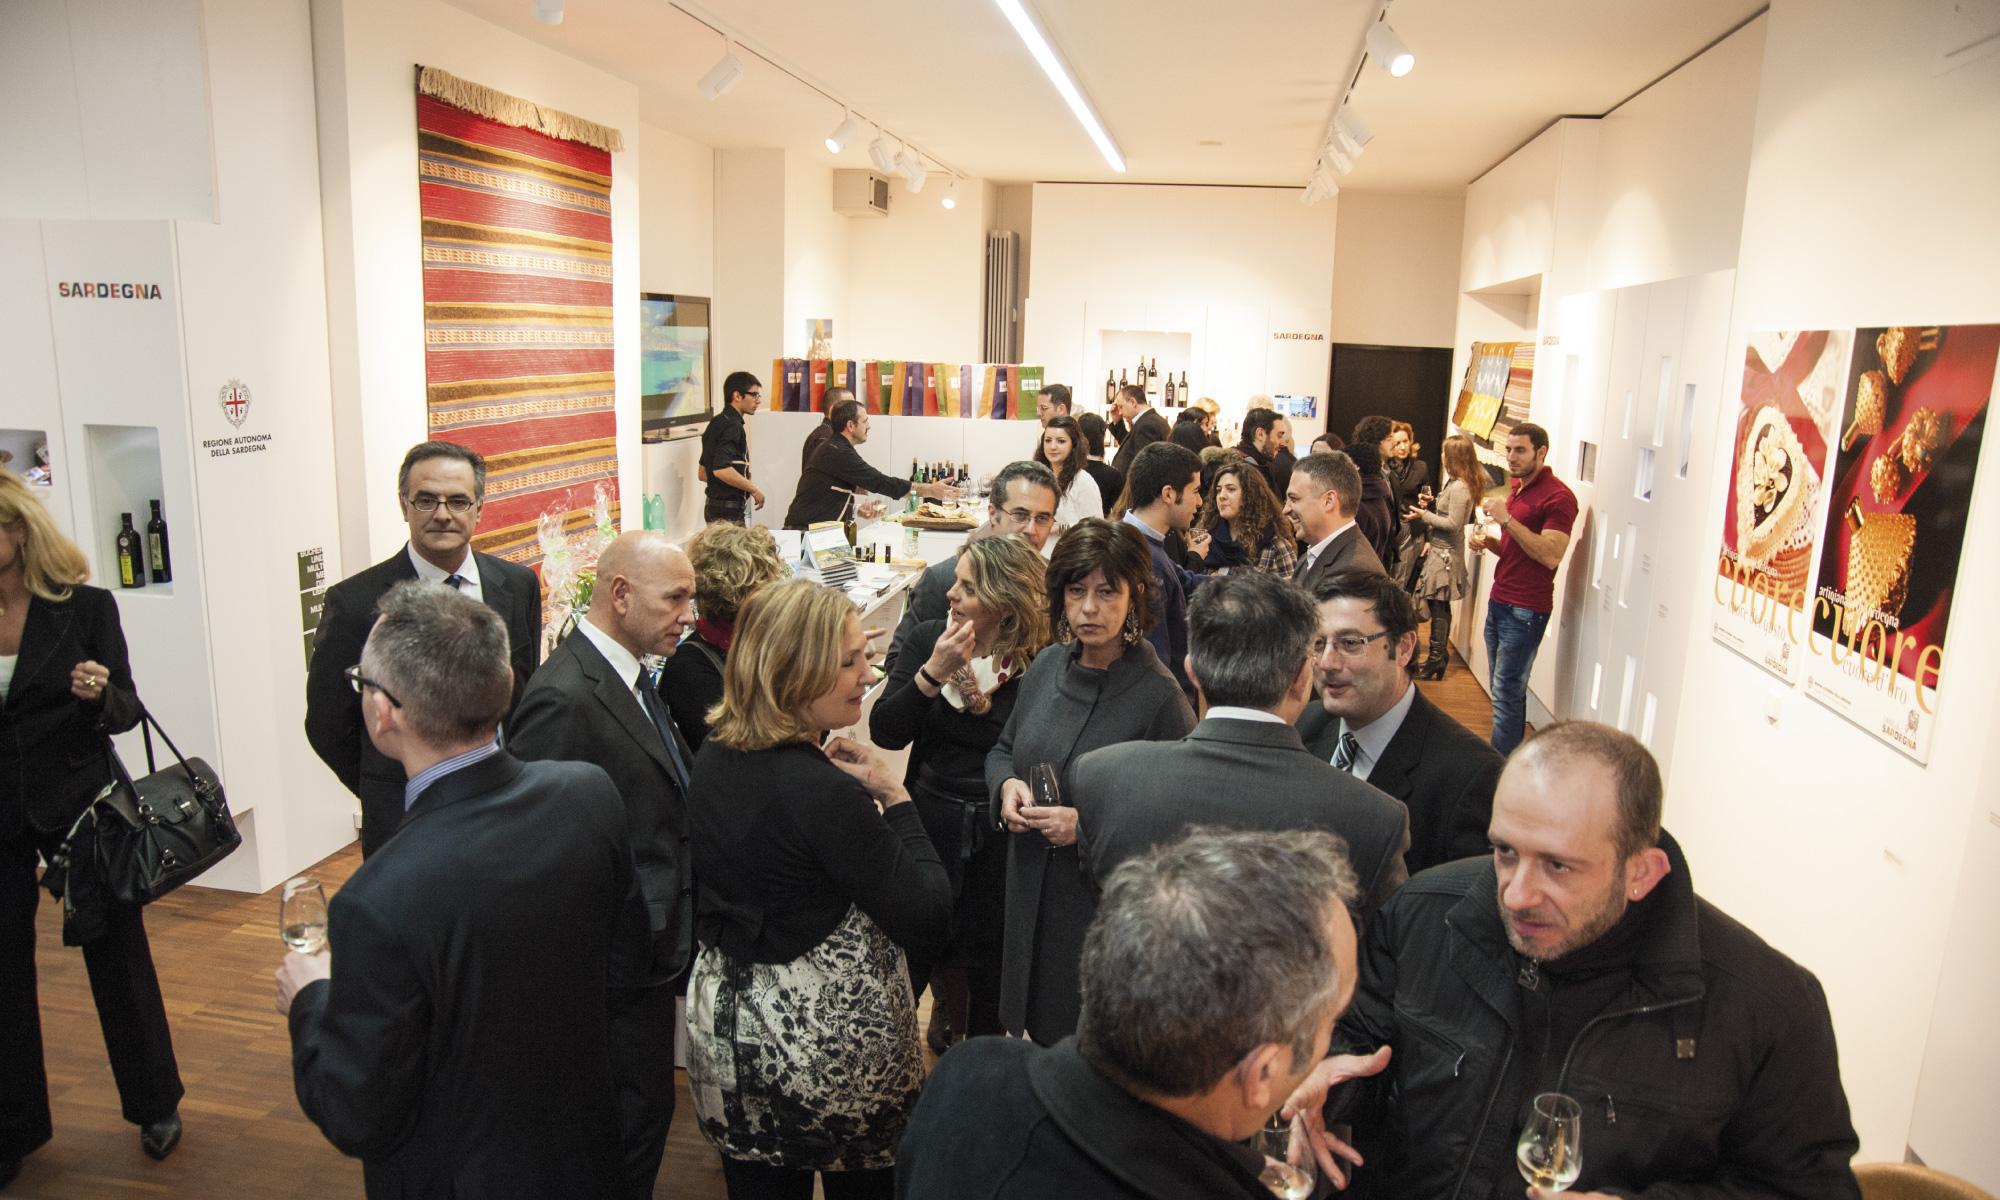 Evento inaugurale del Sardegna Store di Berlino